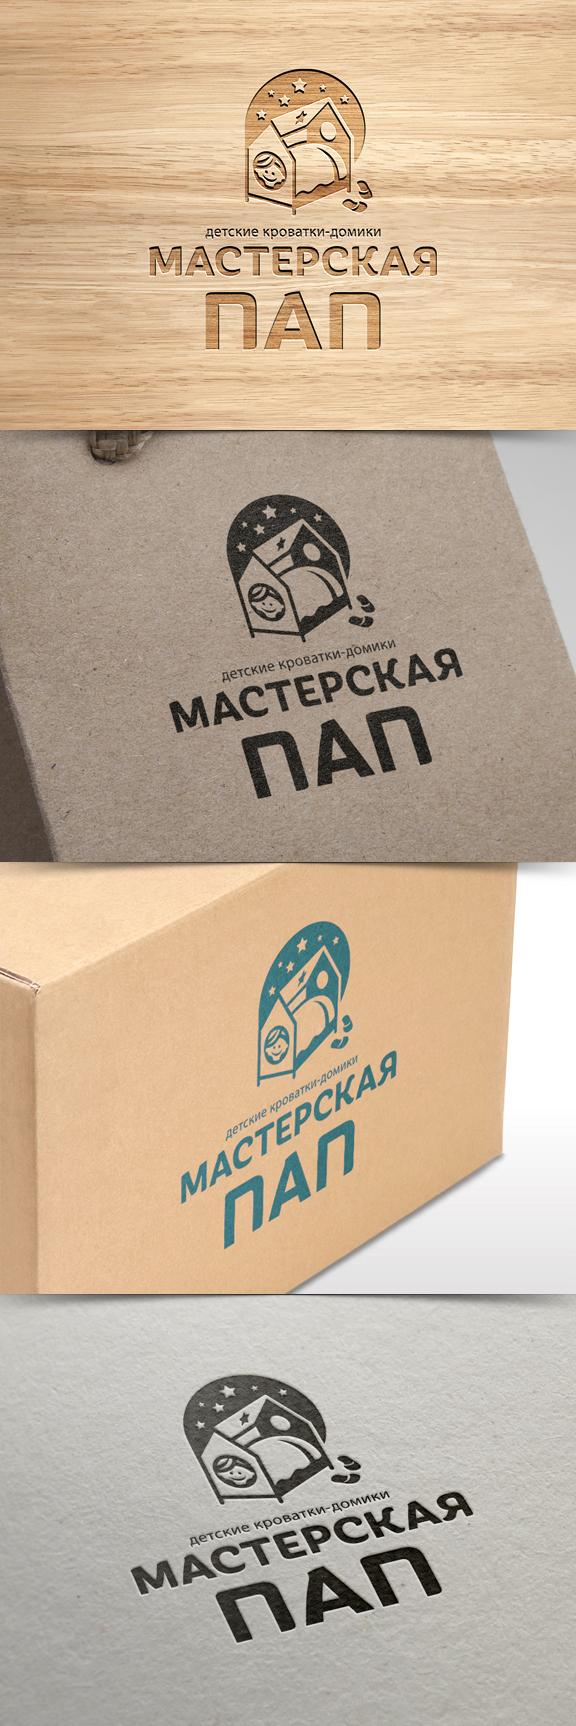 Разработка логотипа  фото f_6205aad626aebc81.jpg